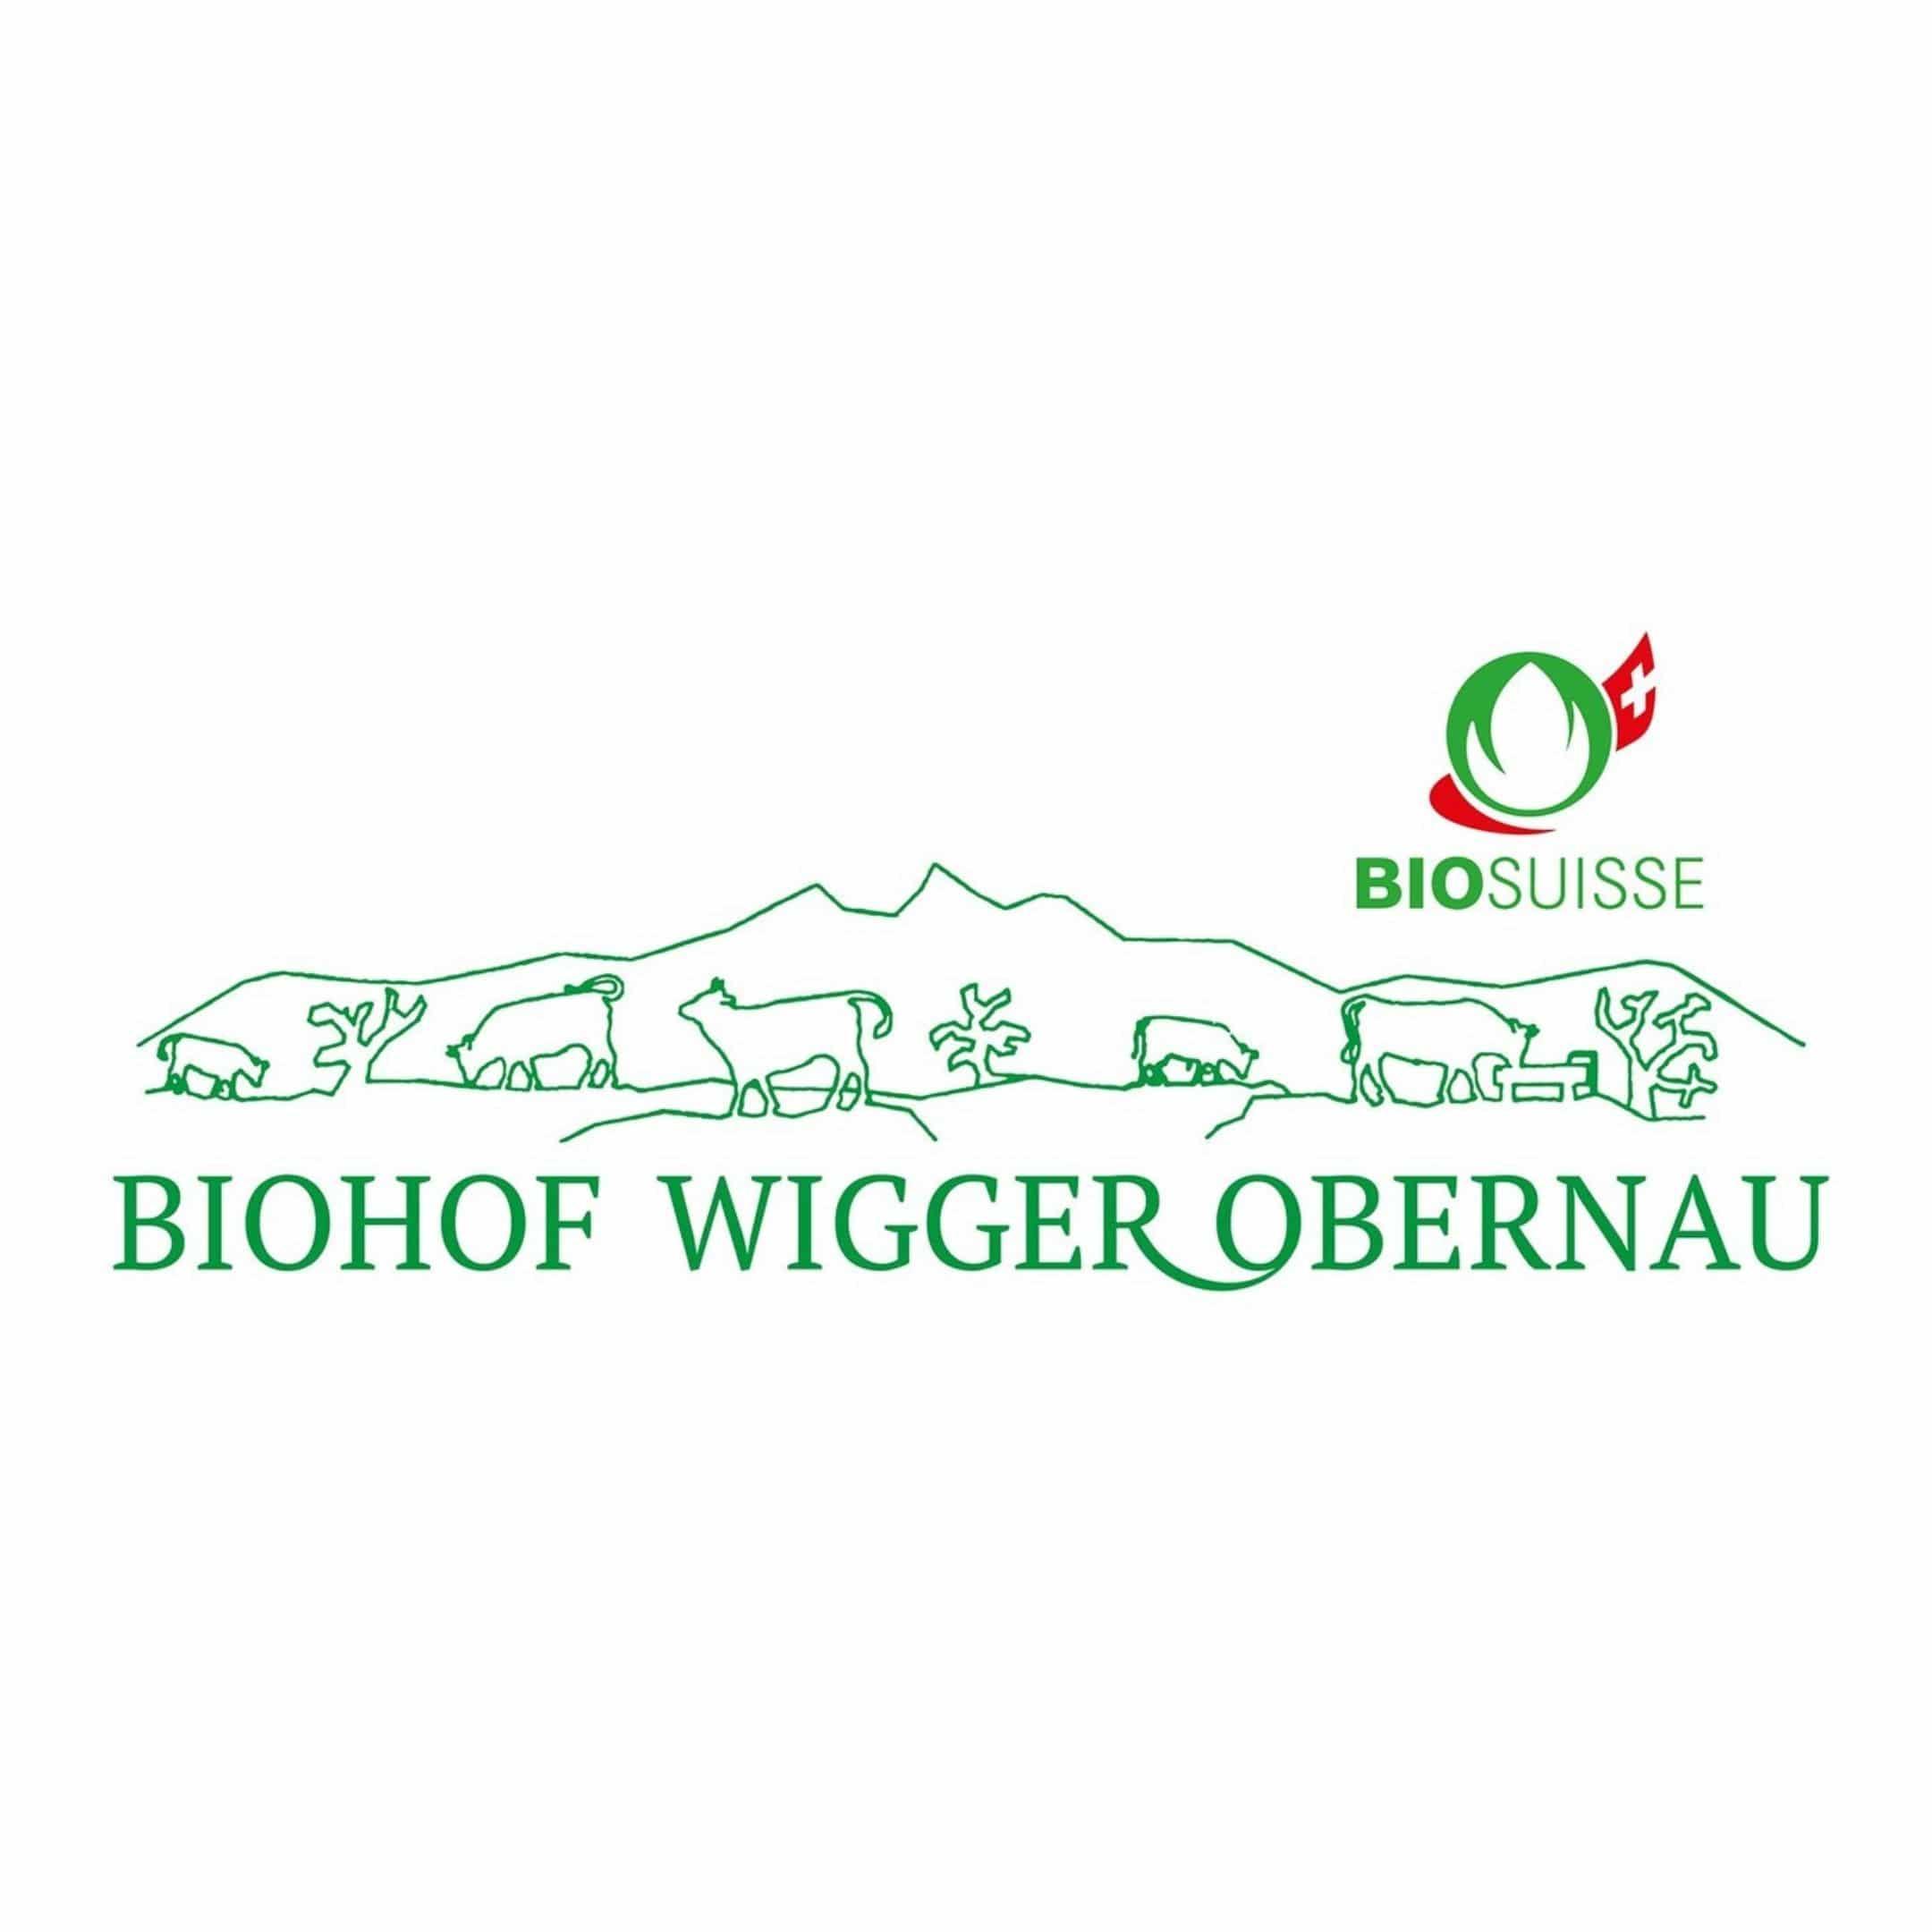 BIOHOF WIGGER OBERNAU